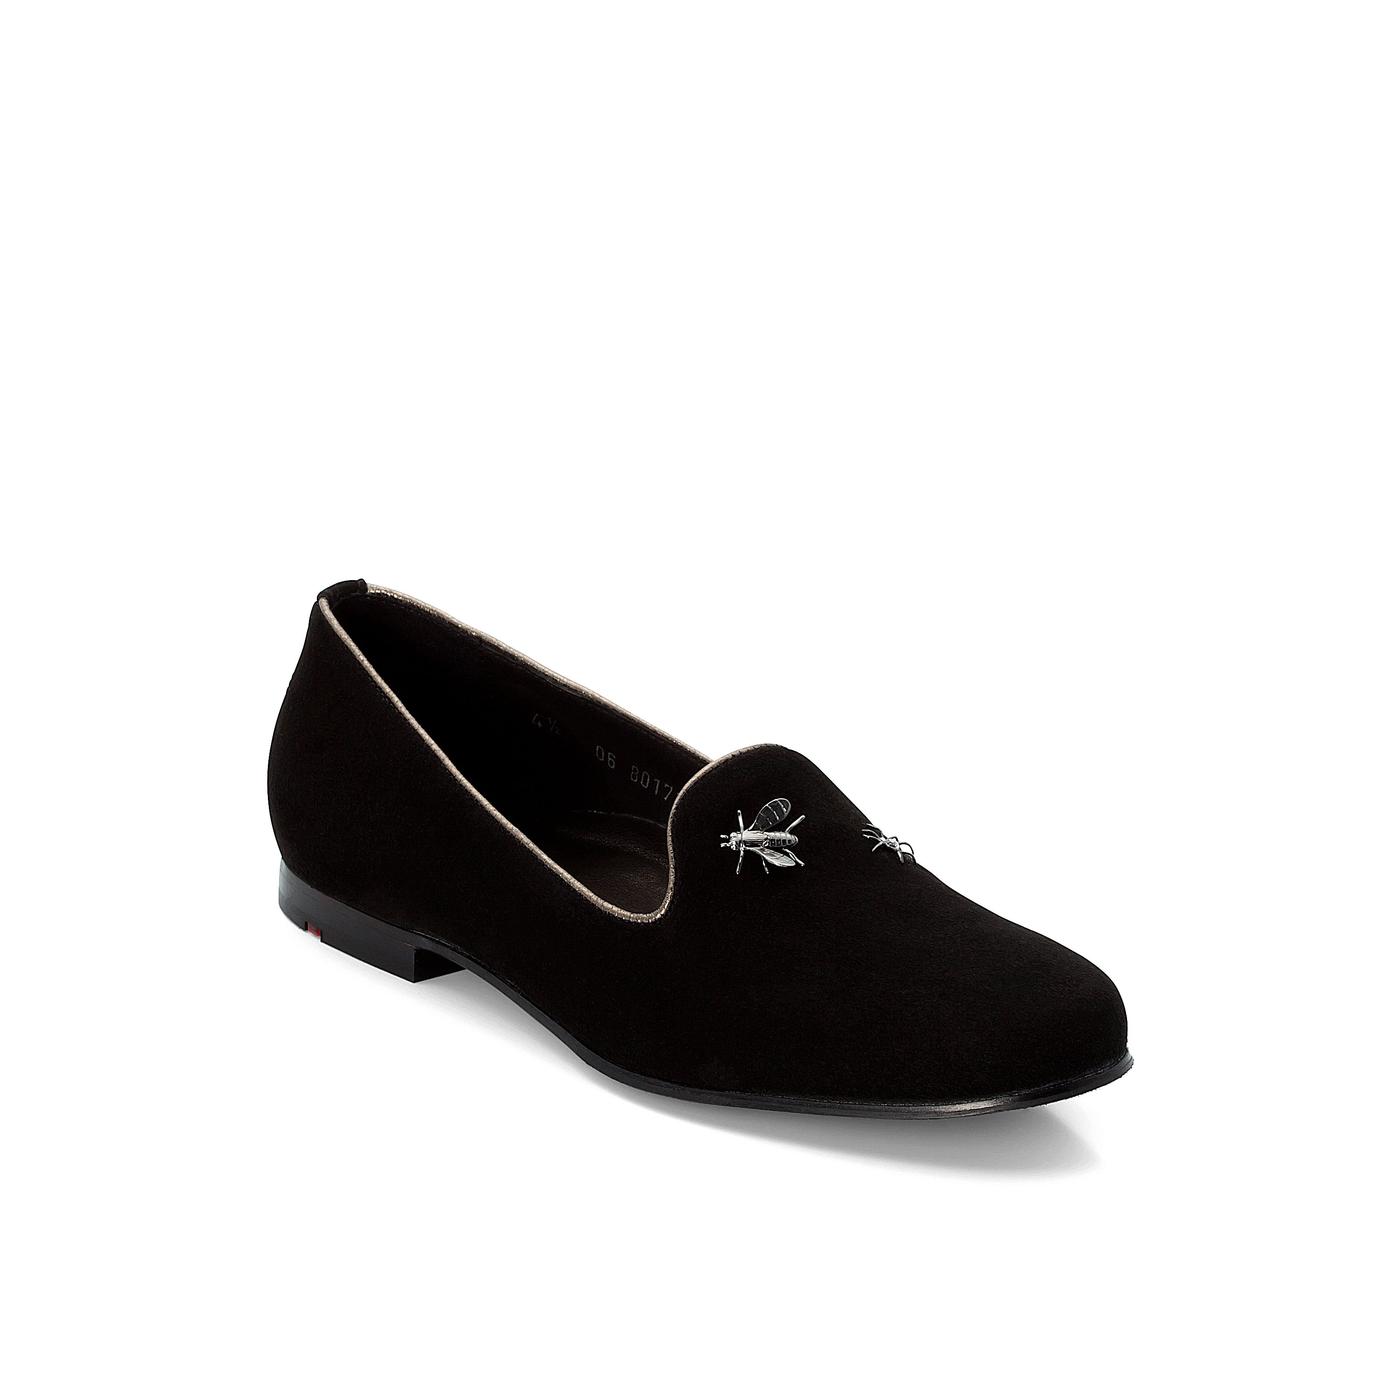 SLIPPER | Schuhe > Slipper | Schwarz | Leder | Lloyd